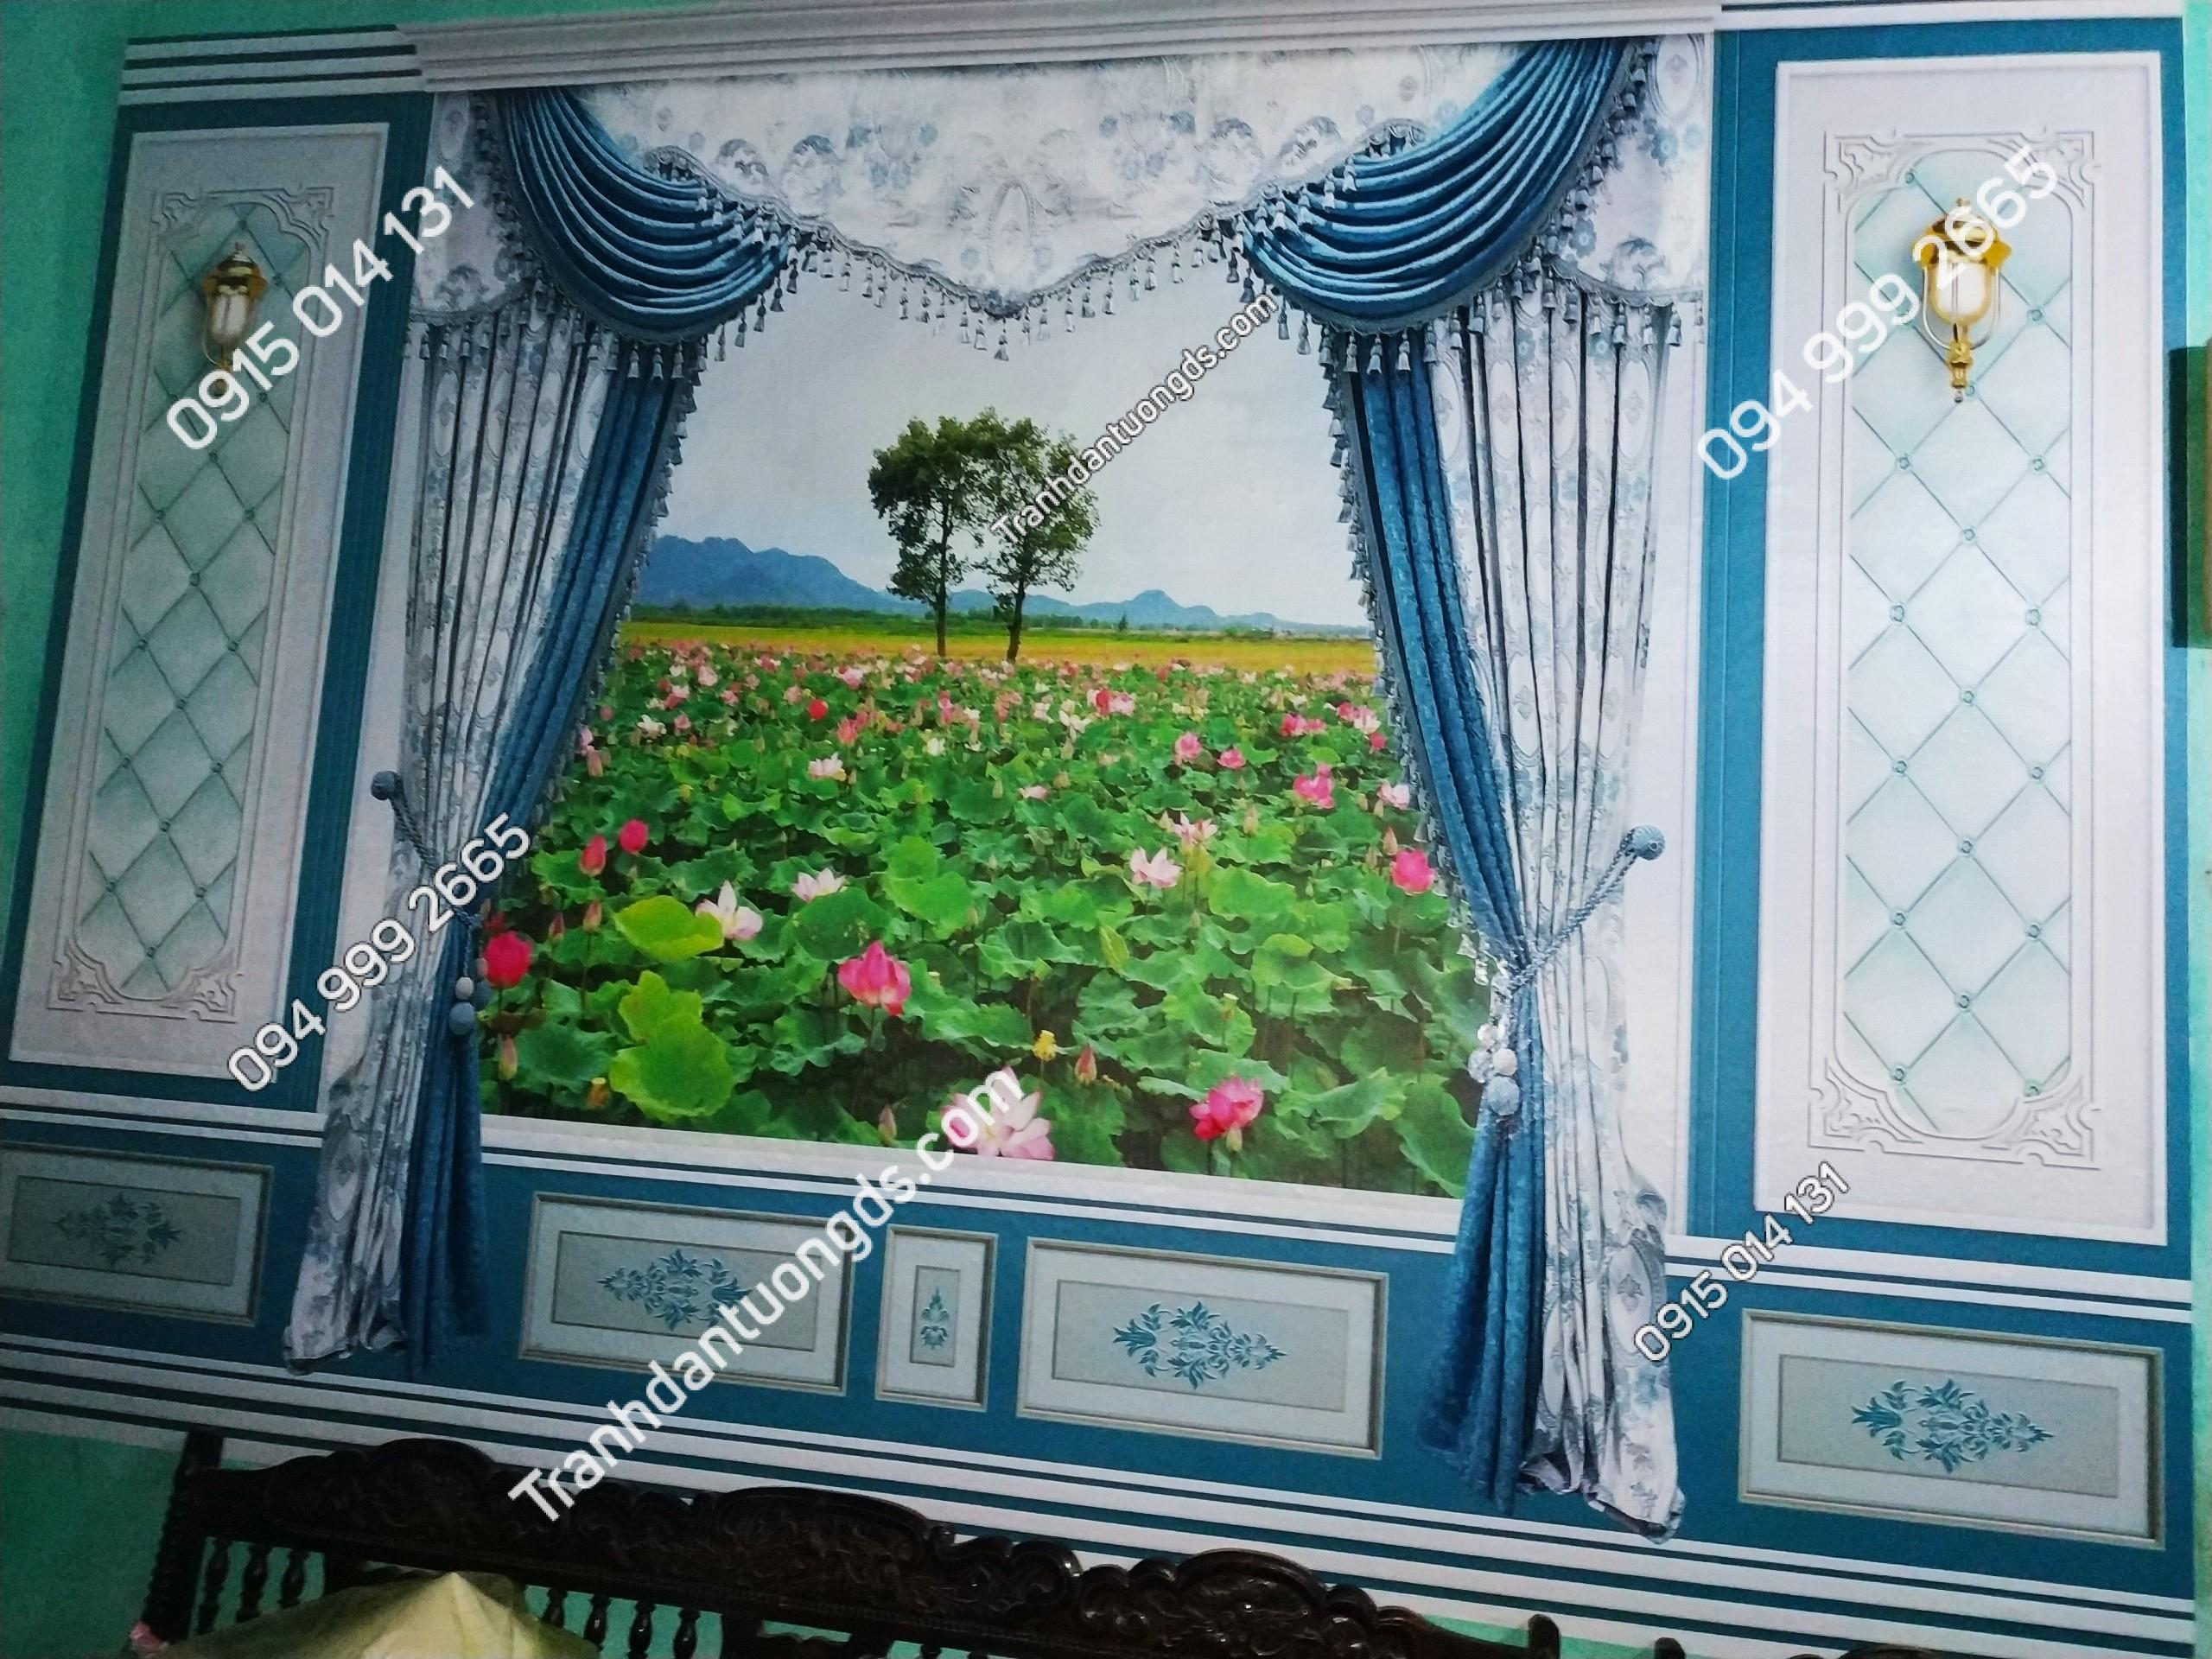 Tranh rèm cửa phong cảnh 5D phòng khách